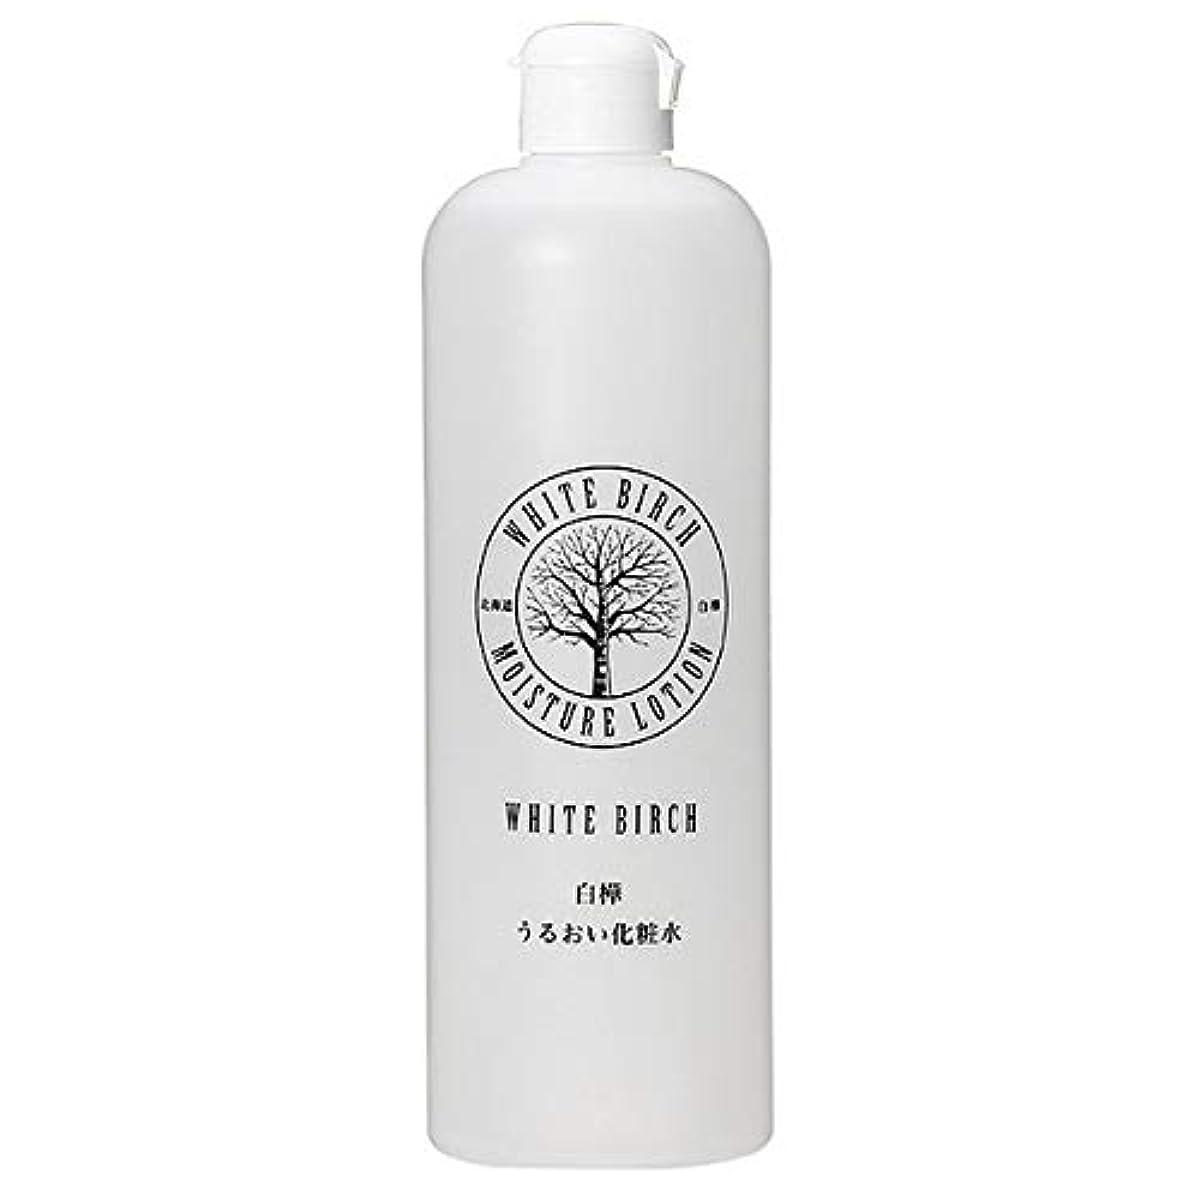 補充プット保守的北海道アンソロポロジー 白樺うるおい化粧水 500mL